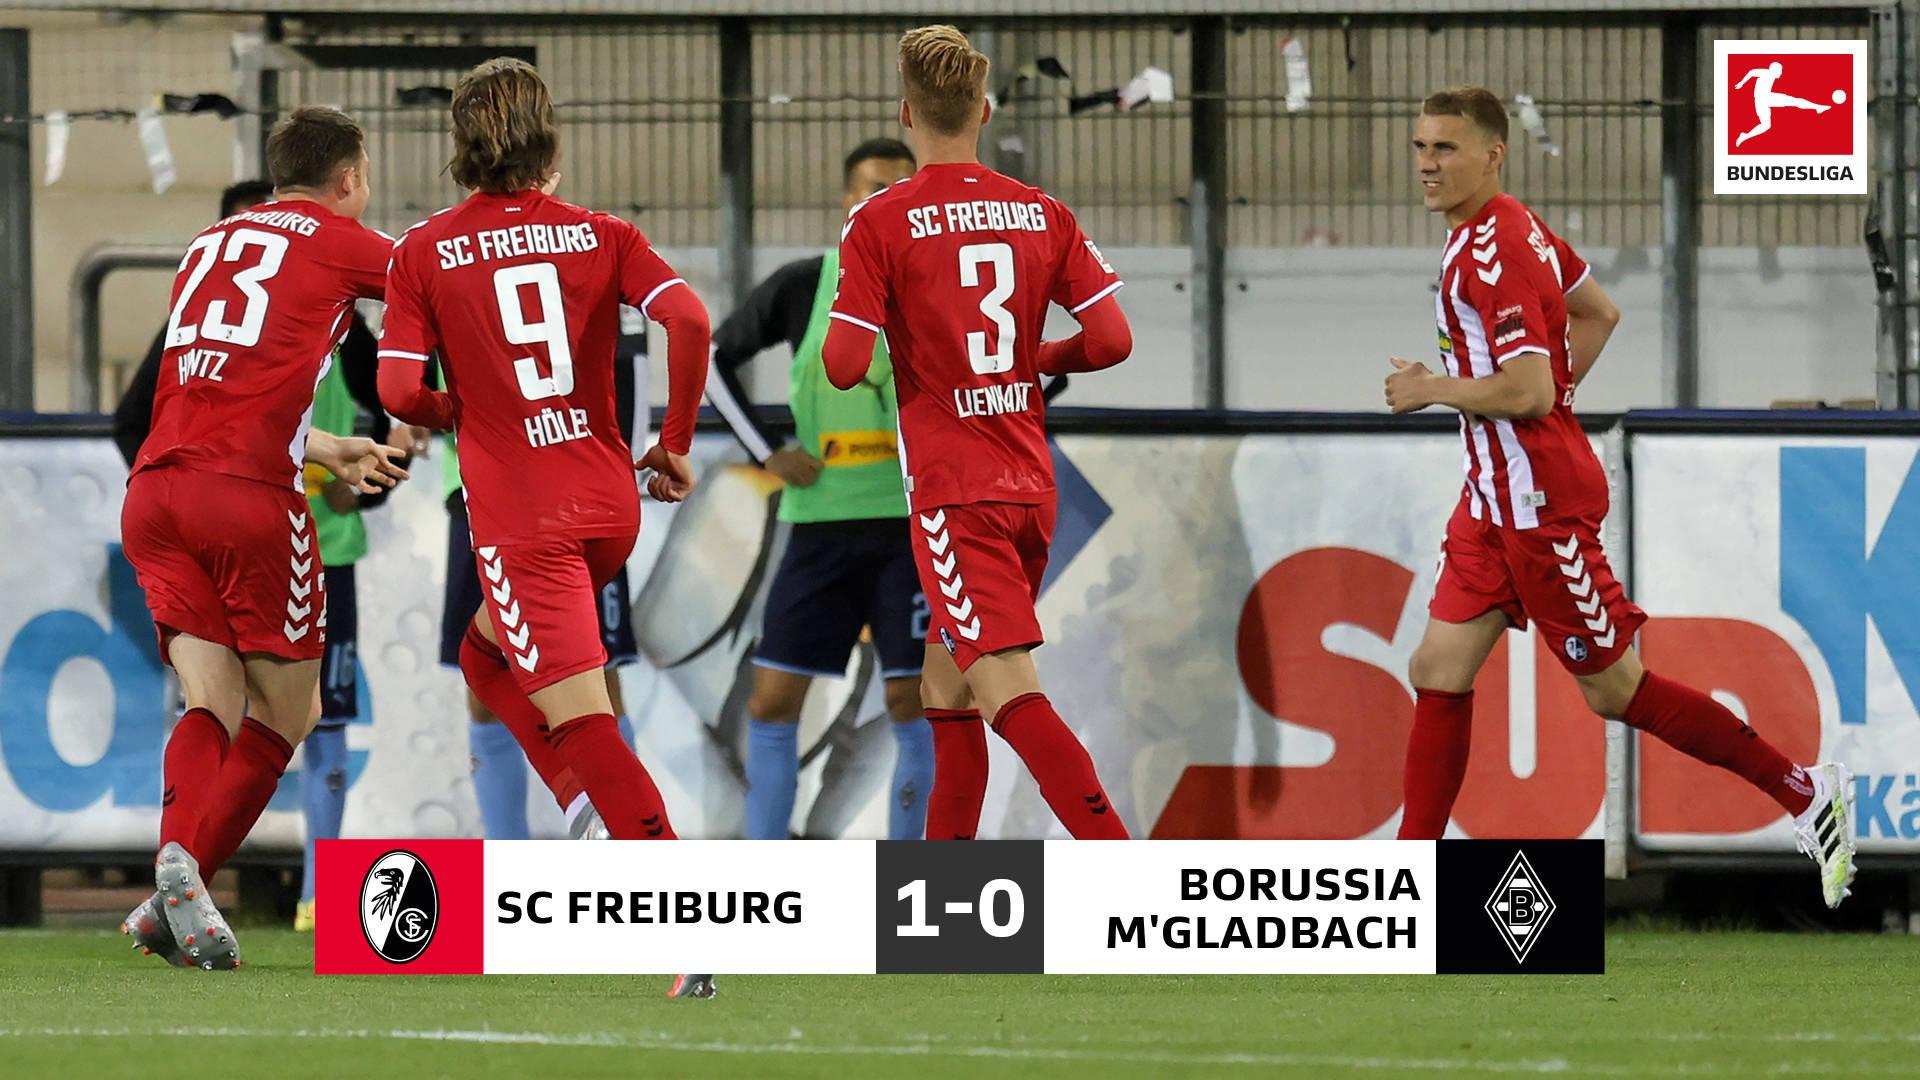 德甲-拜仁旧将一锤定音 弗赖堡1-0门兴取复赛首胜